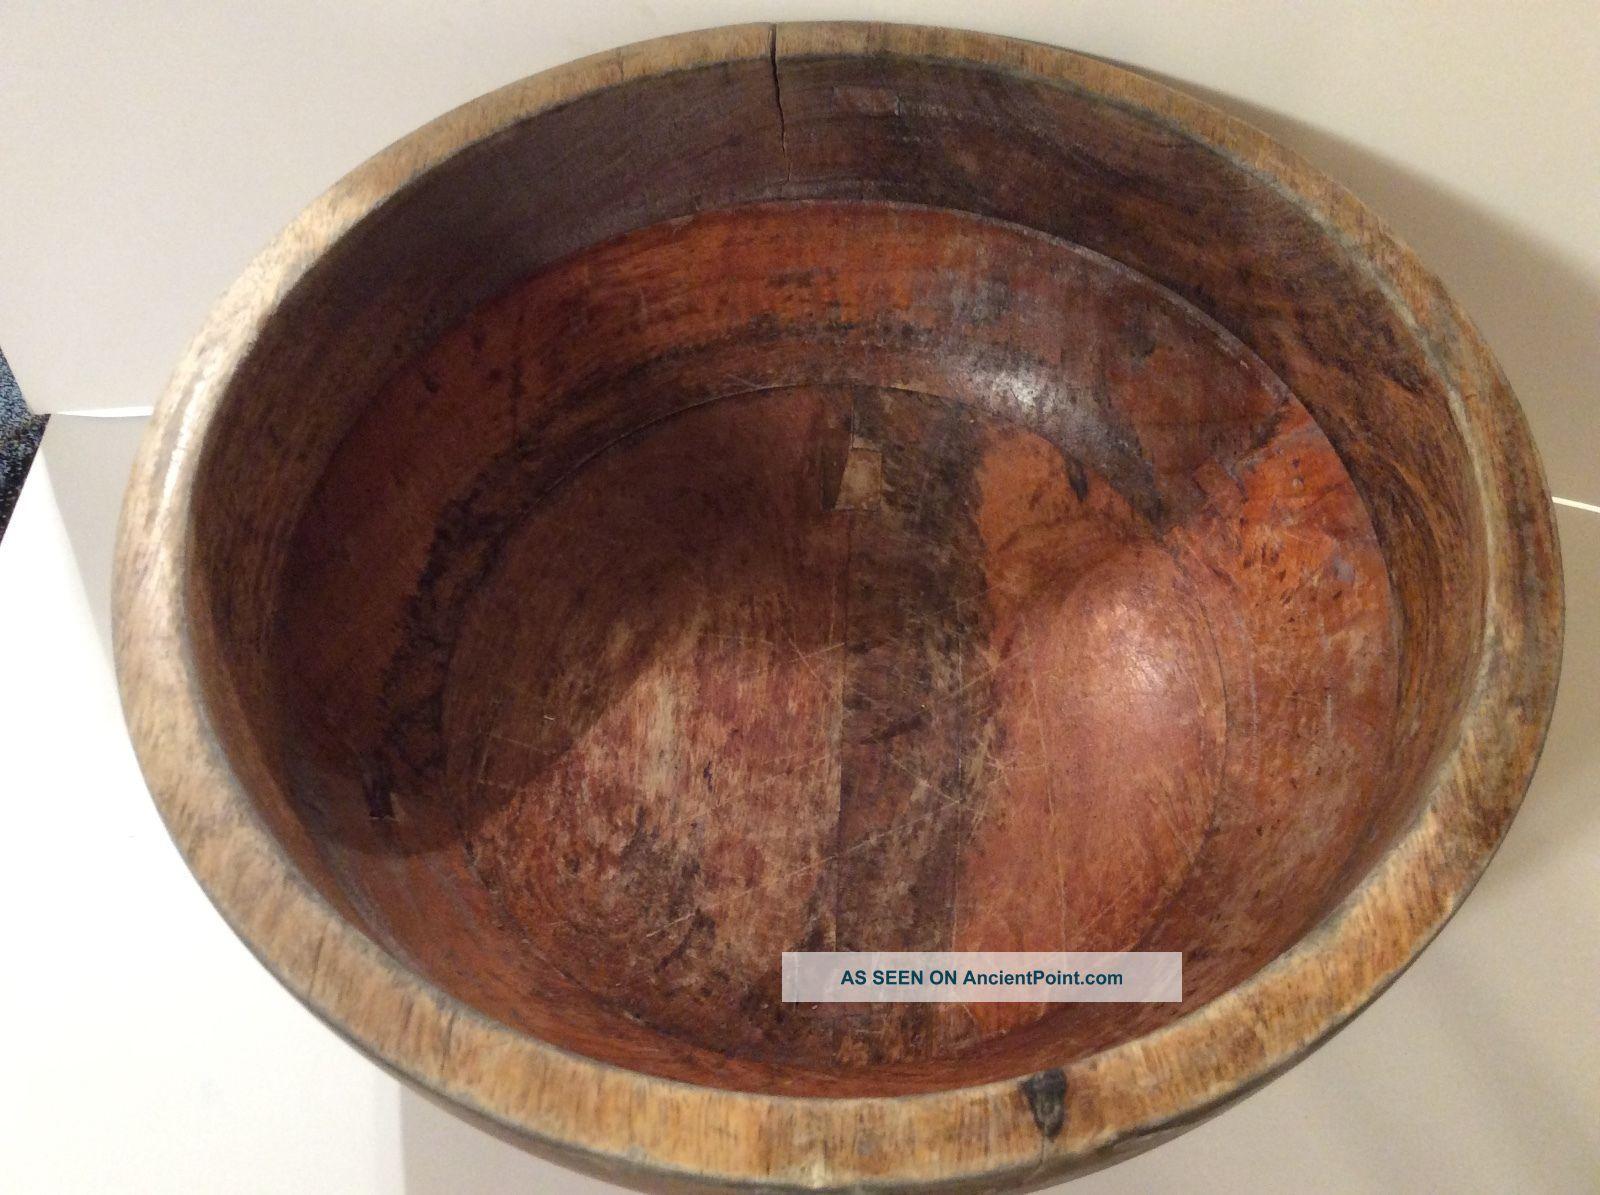 Antique Old Primitive Wooden Wood Bowl 12